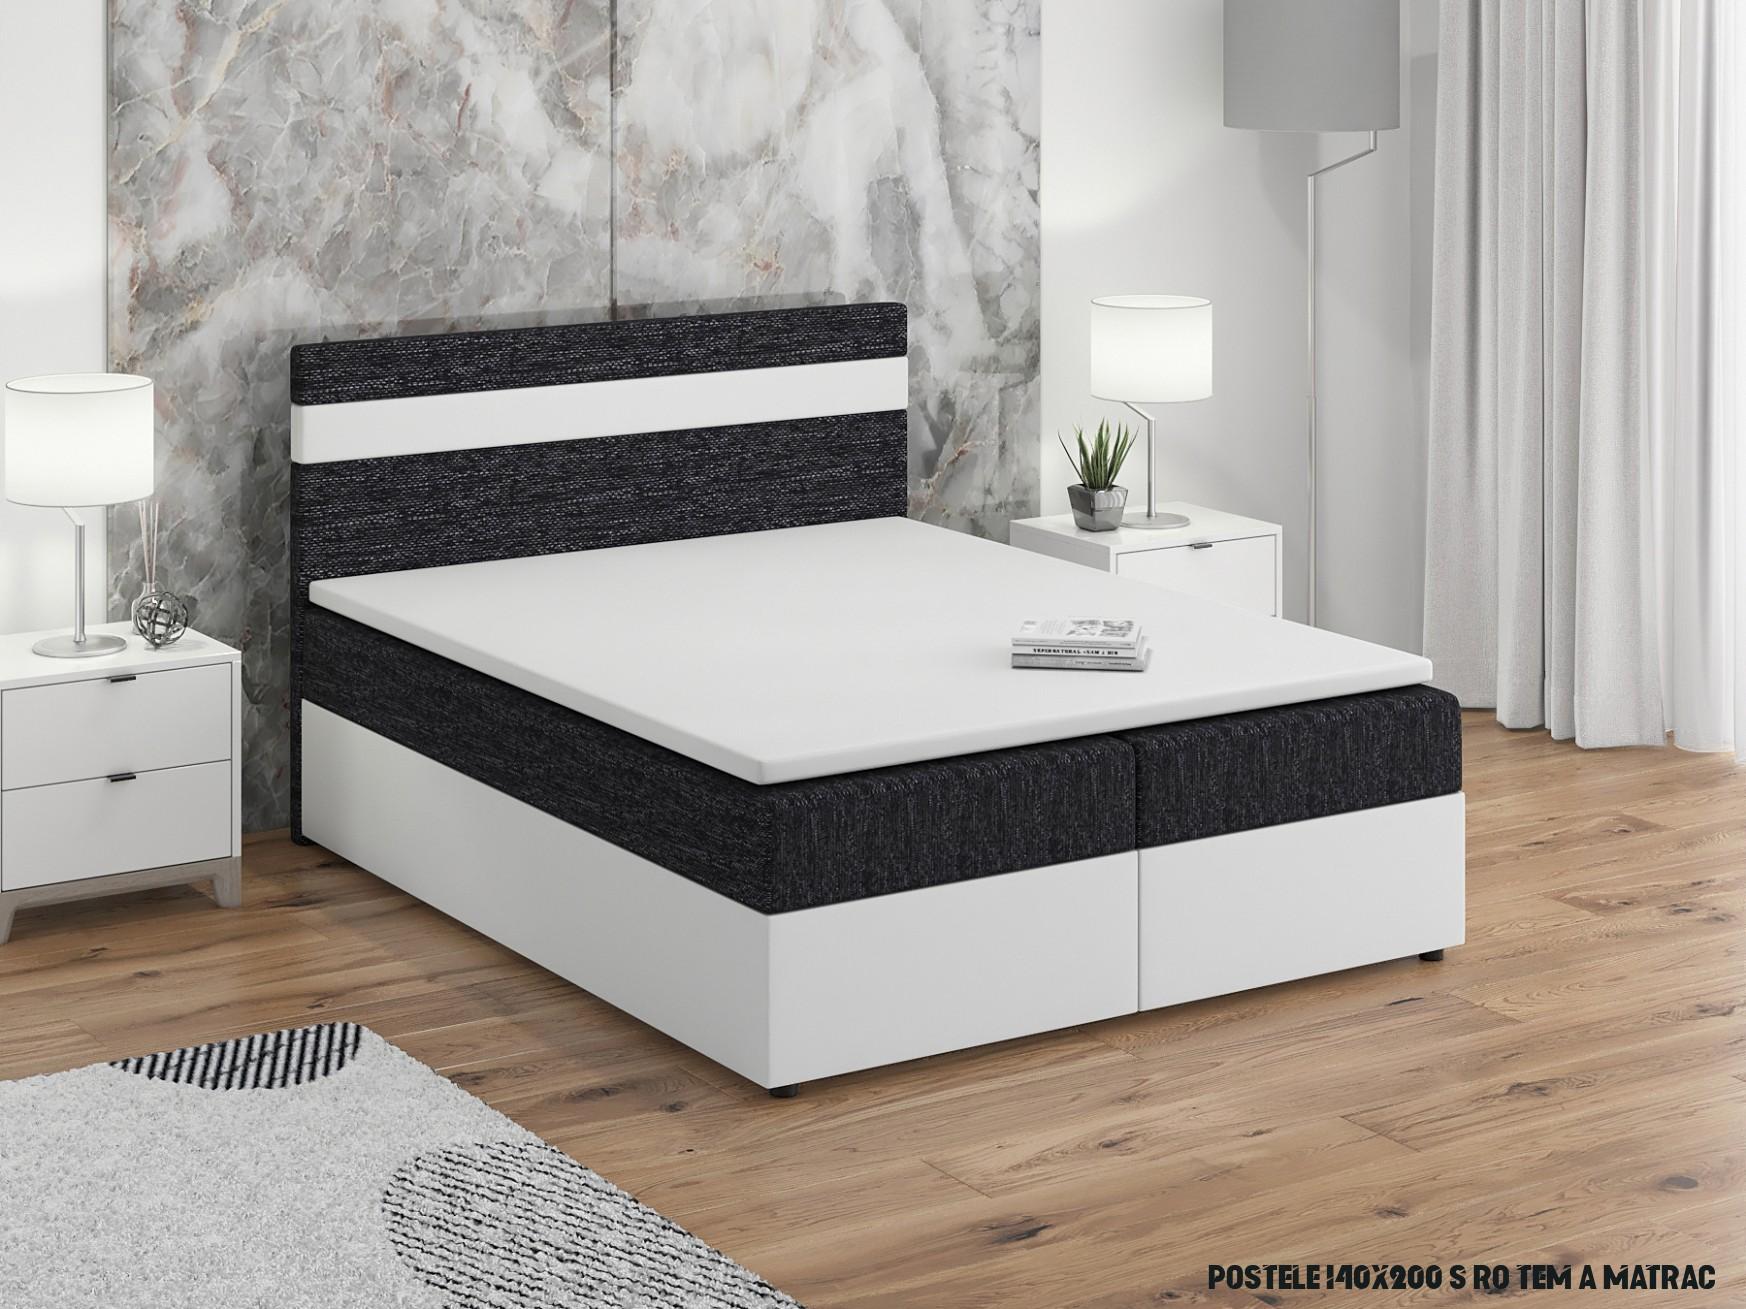 Manželská postel Boxspring 19x19 cm Mimosa (s roštem a matrací) (bílá +  černá)  HezkýNábytek.cz